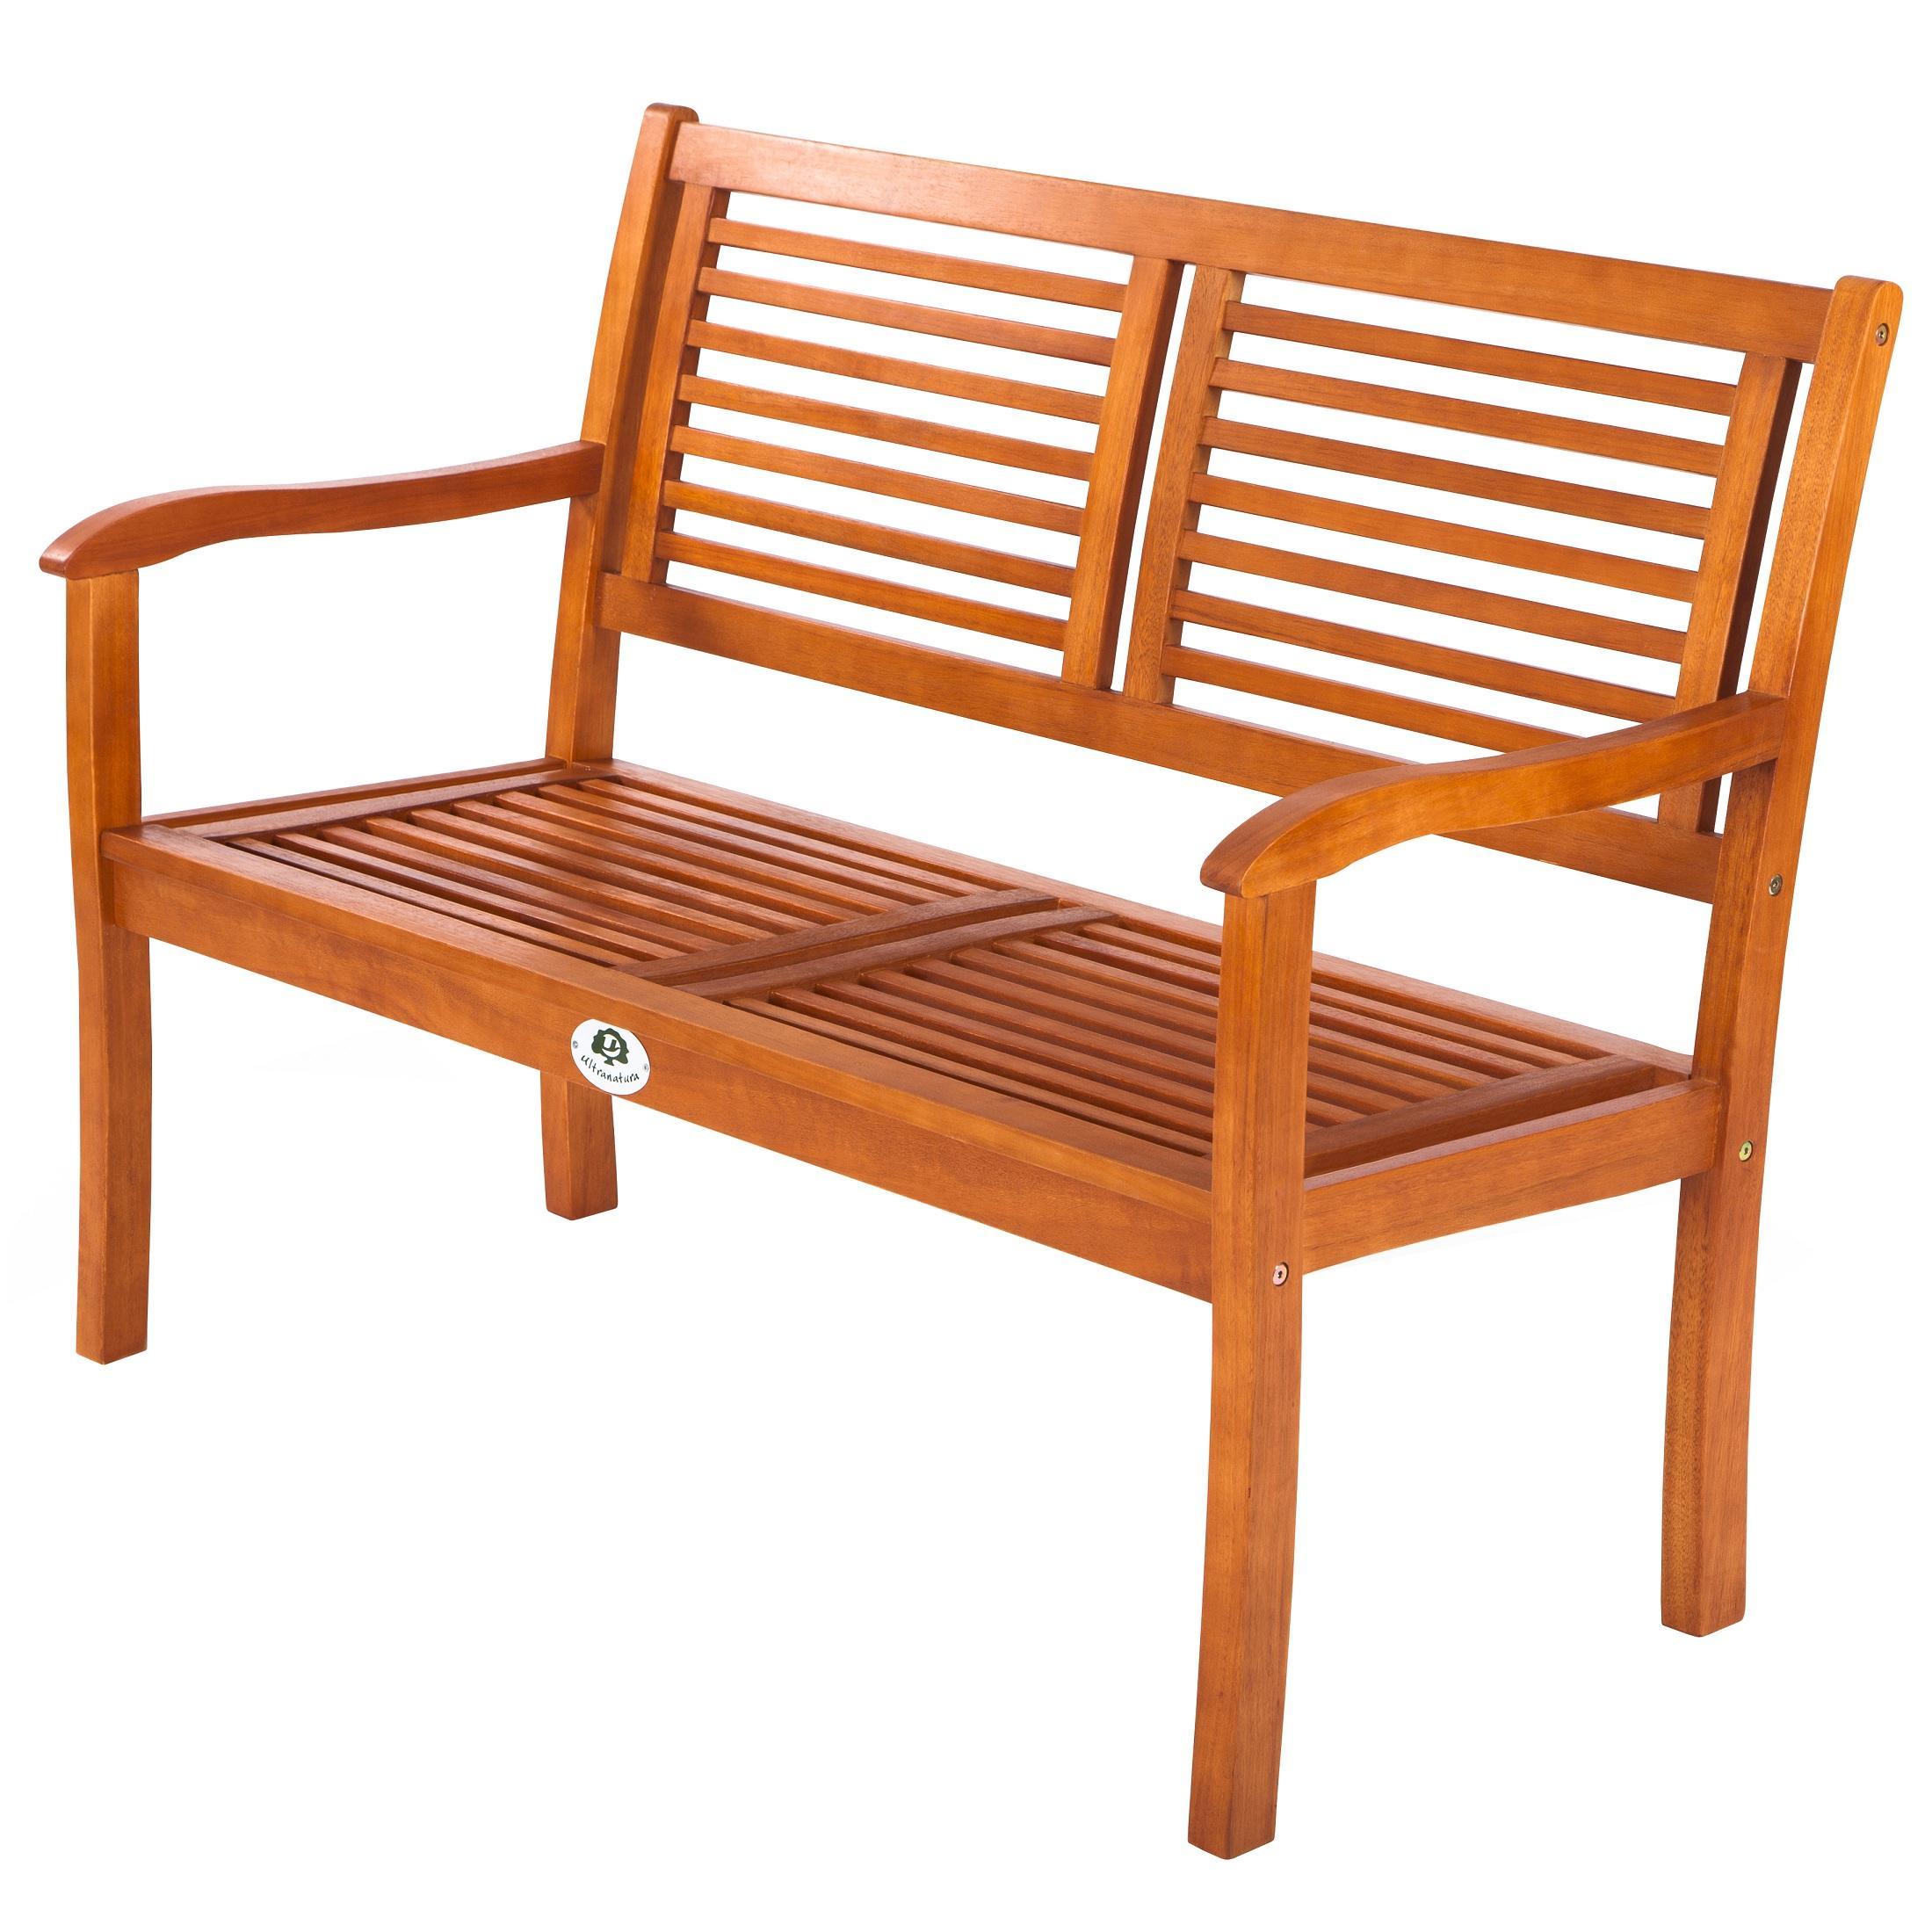 gartenbank holz zertifiziert. Black Bedroom Furniture Sets. Home Design Ideas